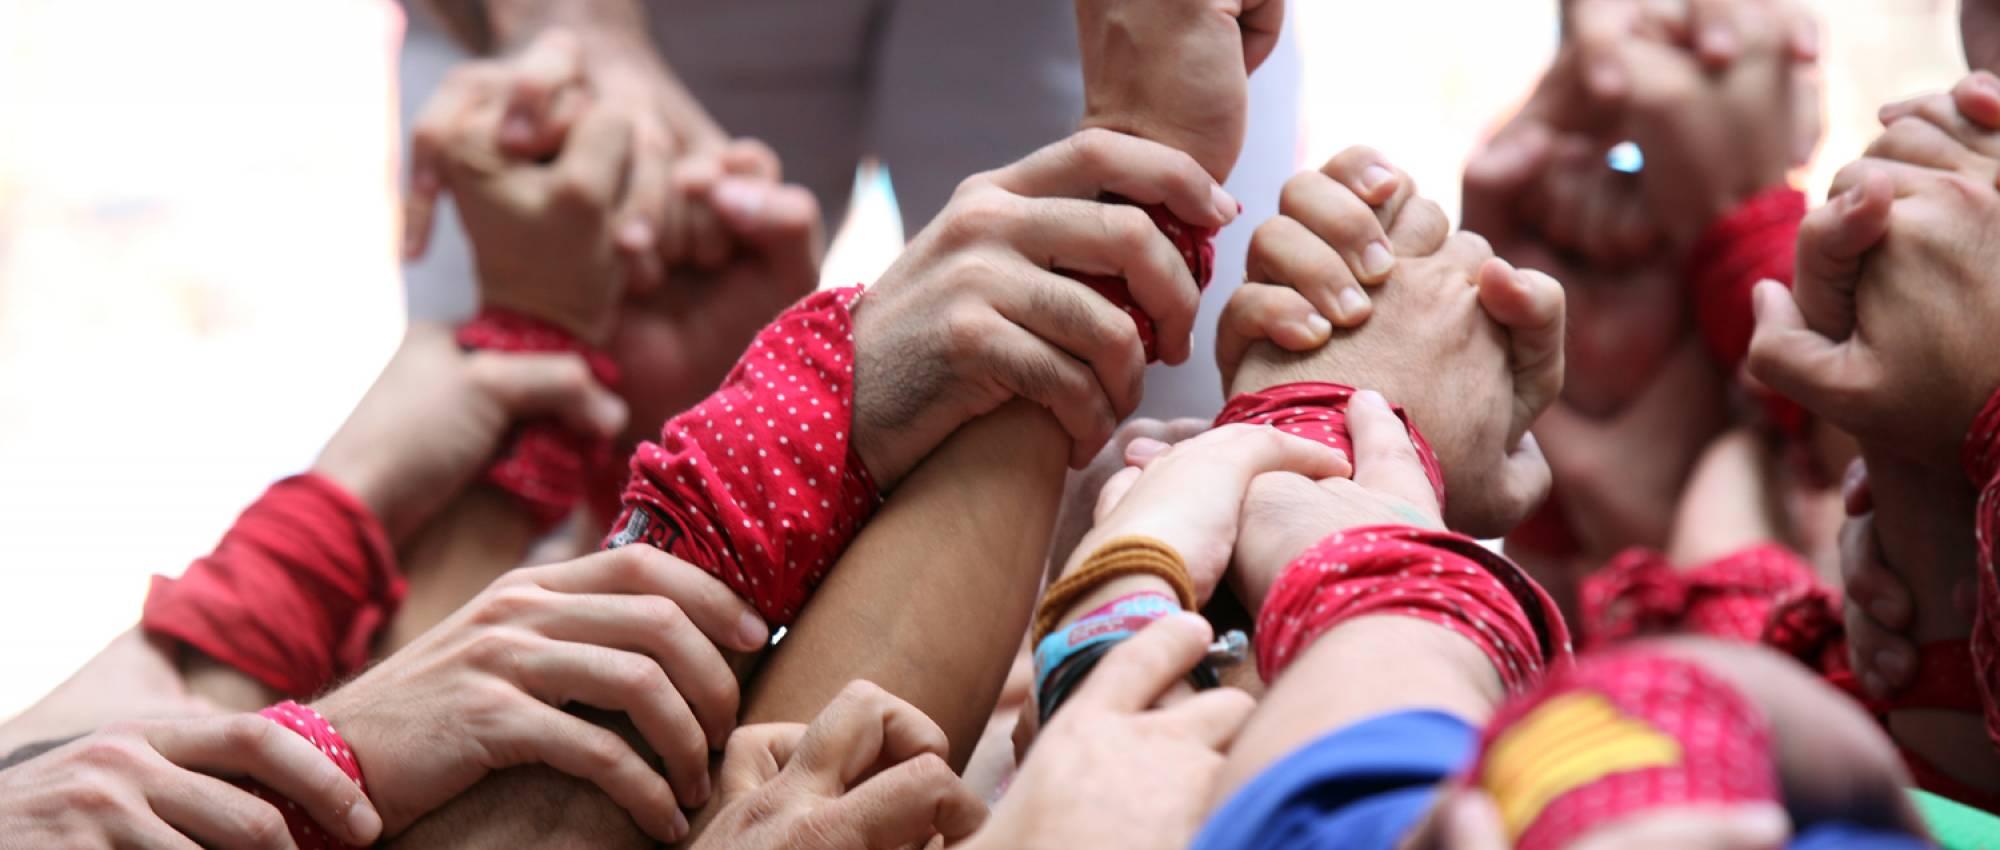 Coordinadora de Colles Castelleres de Catalunya